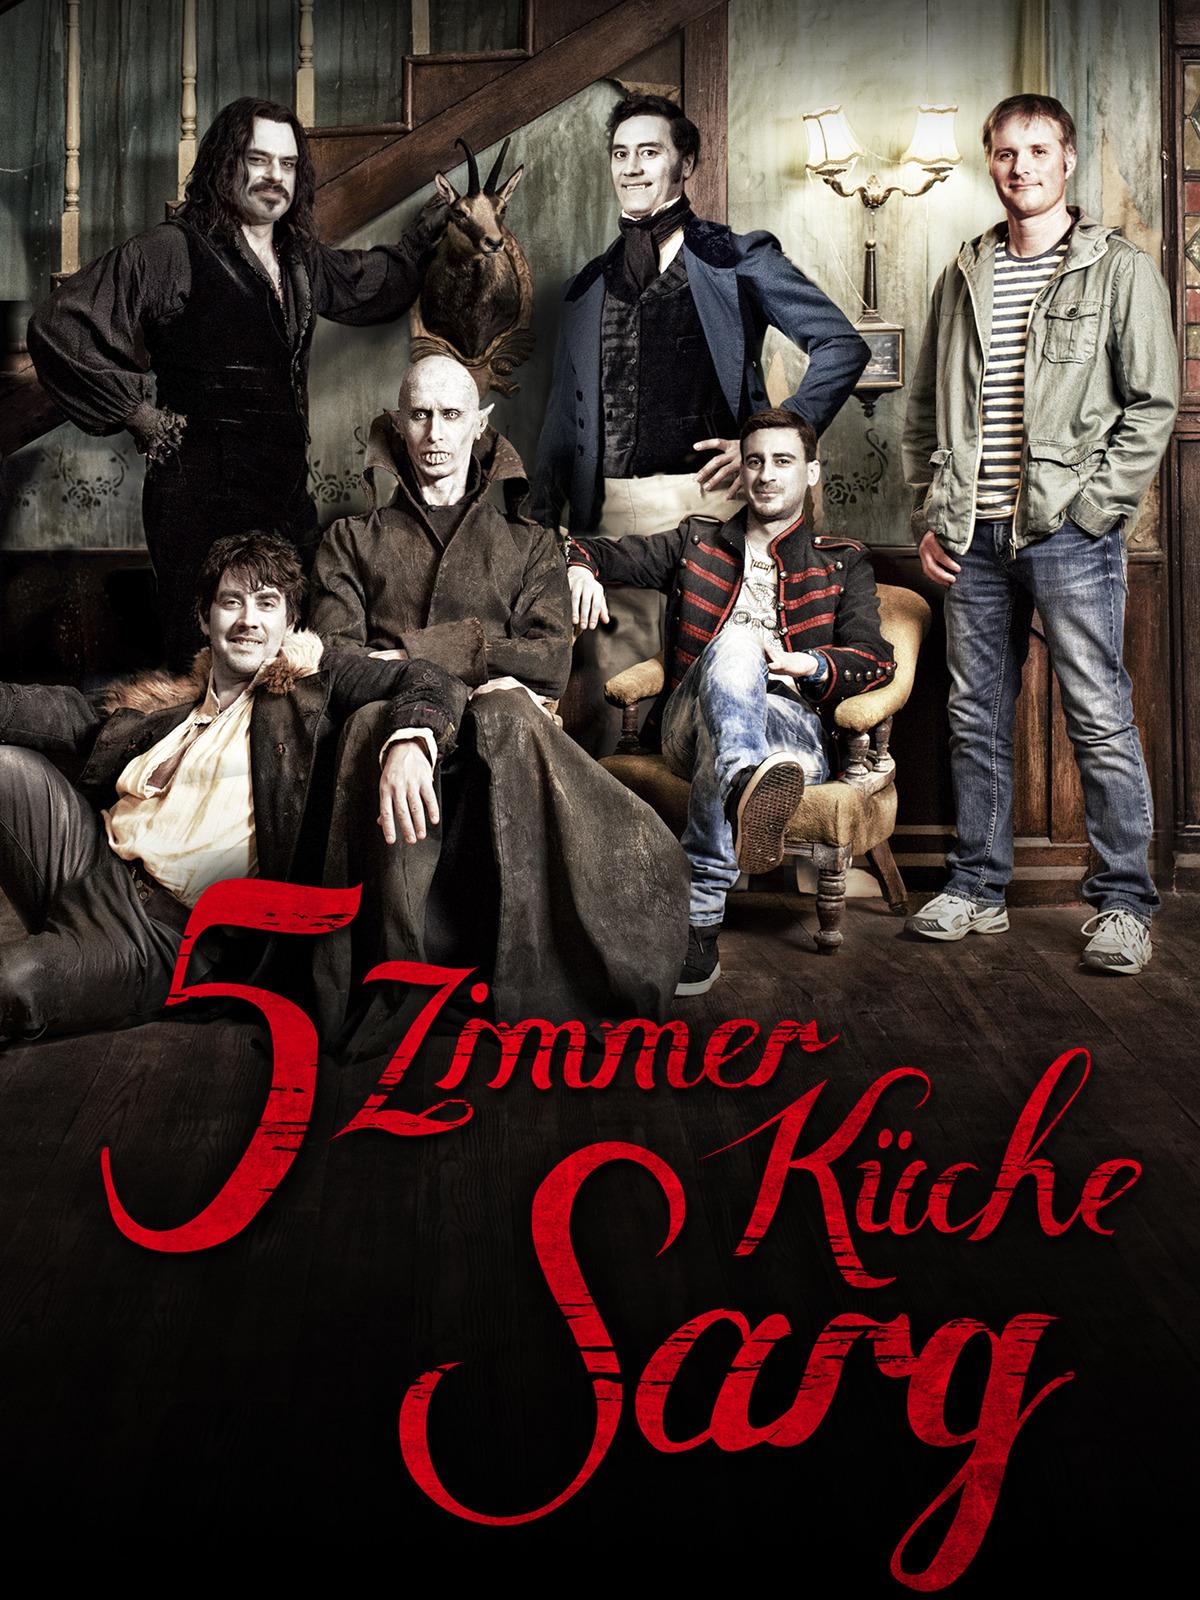 Wer streamt 9 Zimmer Küche Sarg? Film online schauen